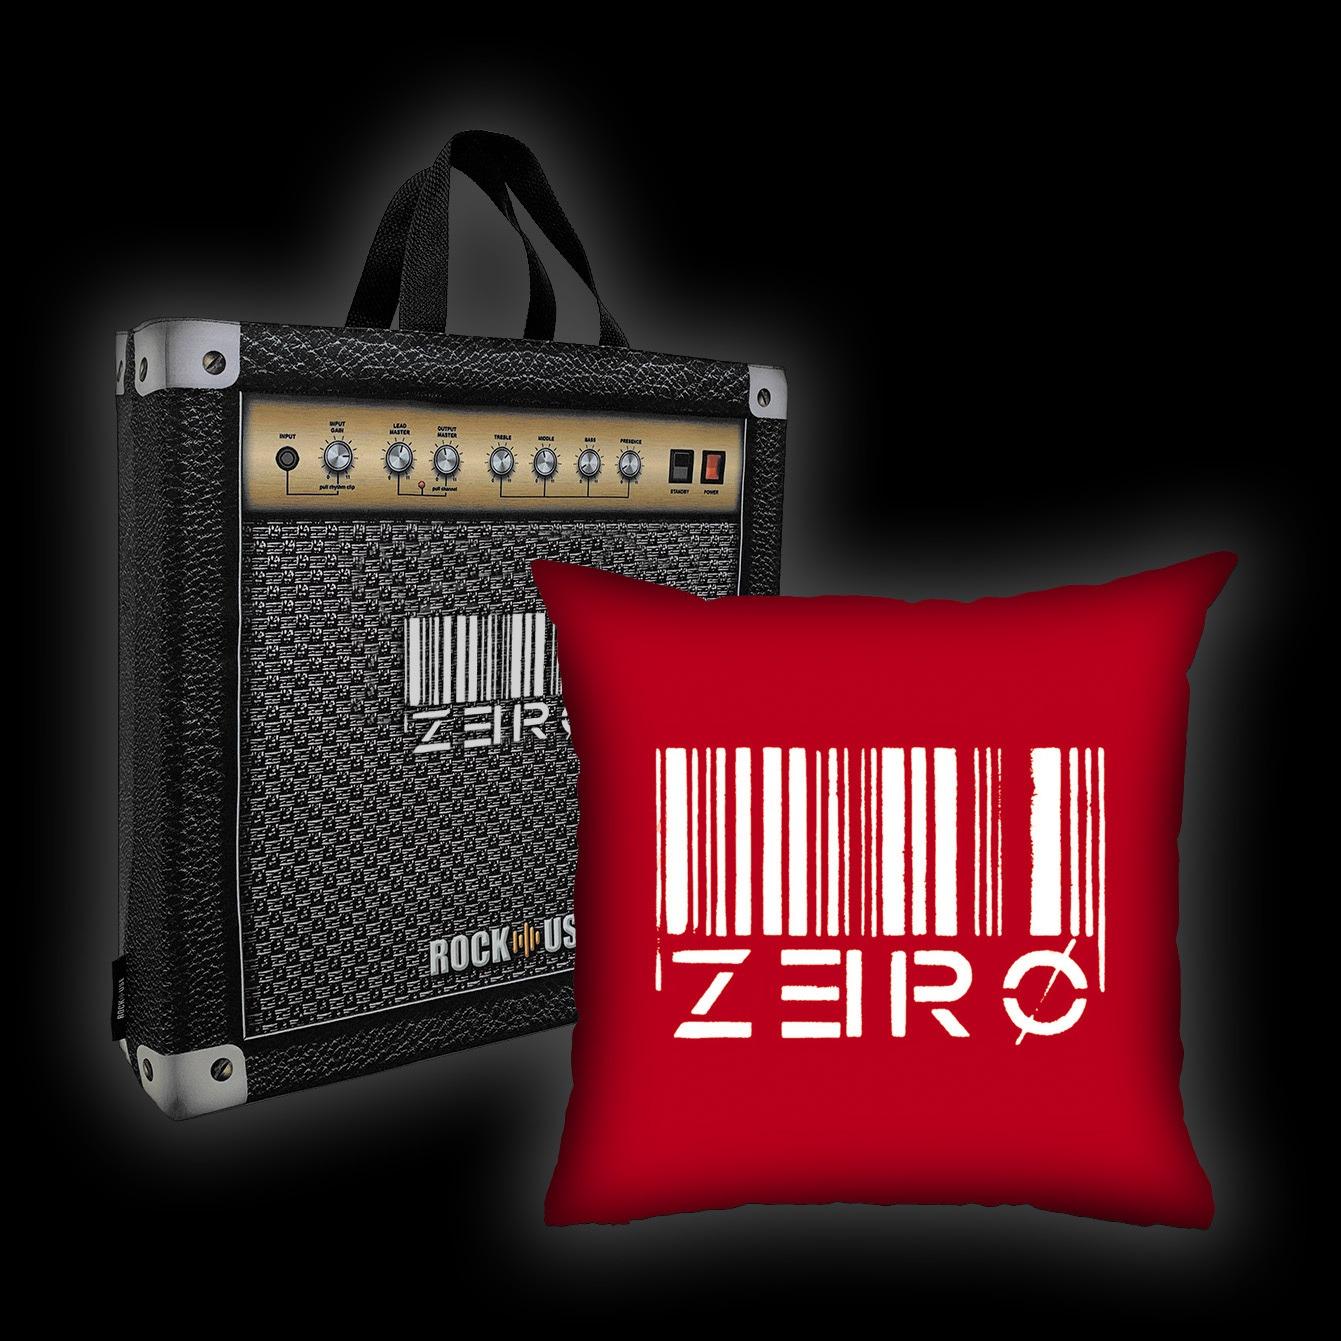 Kit Almofada + Sacola Zero - Code Zero (Vermelha)